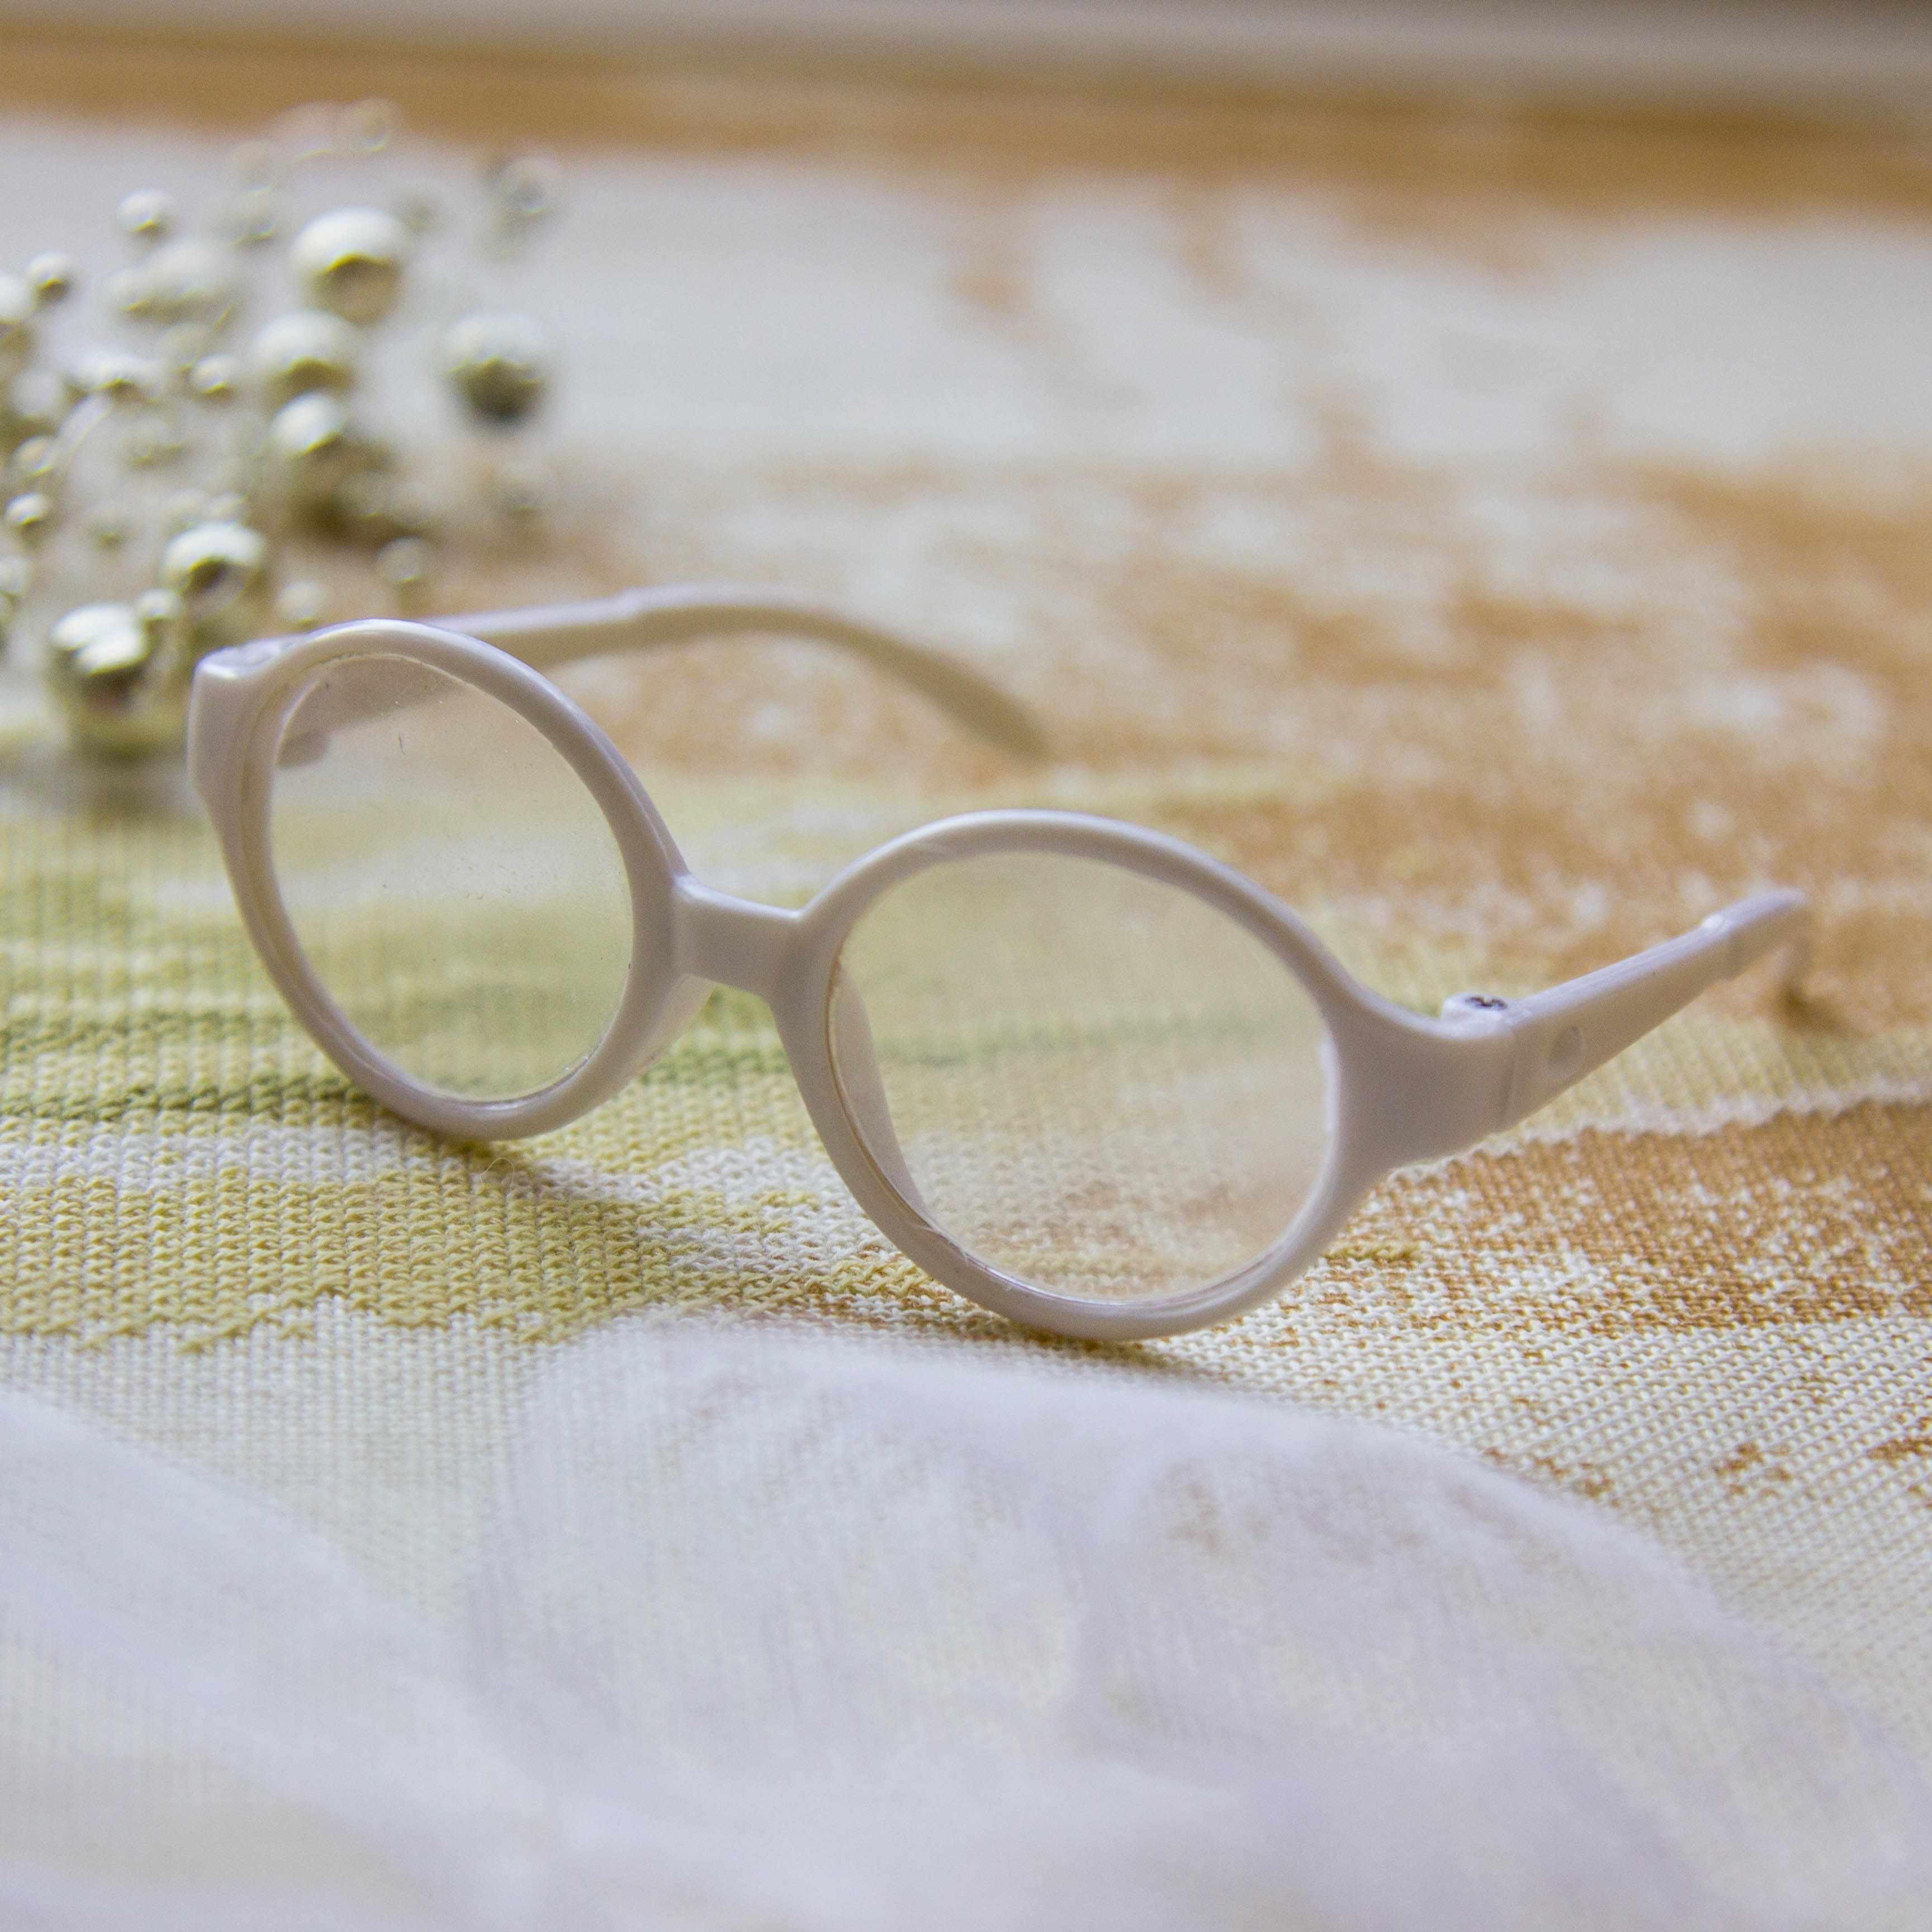 Очки круглые белые со стеклом, 7 см